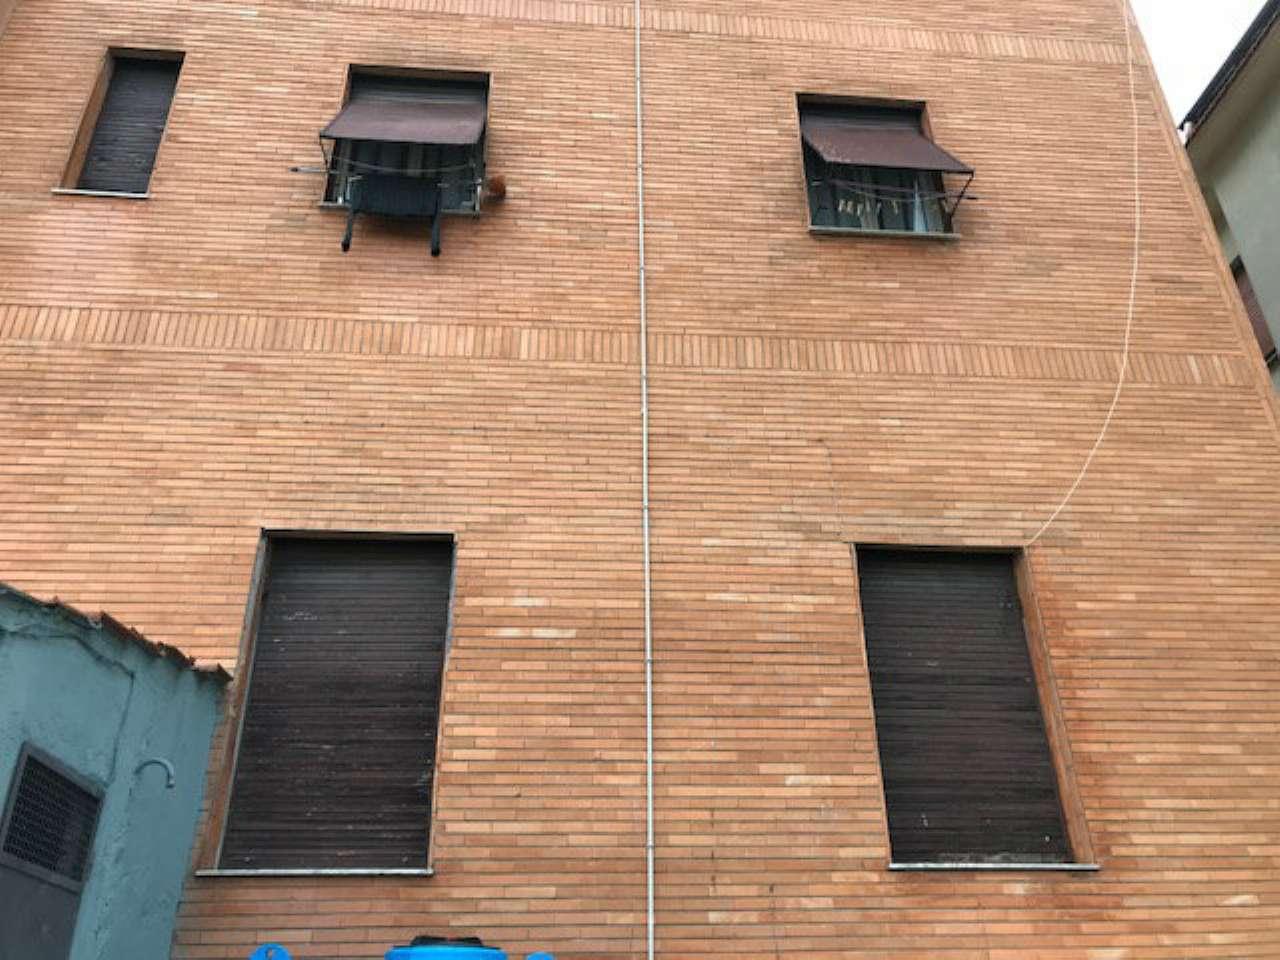 Appartamento in vendita a Campagnano di Roma, 3 locali, prezzo € 80.000 | CambioCasa.it